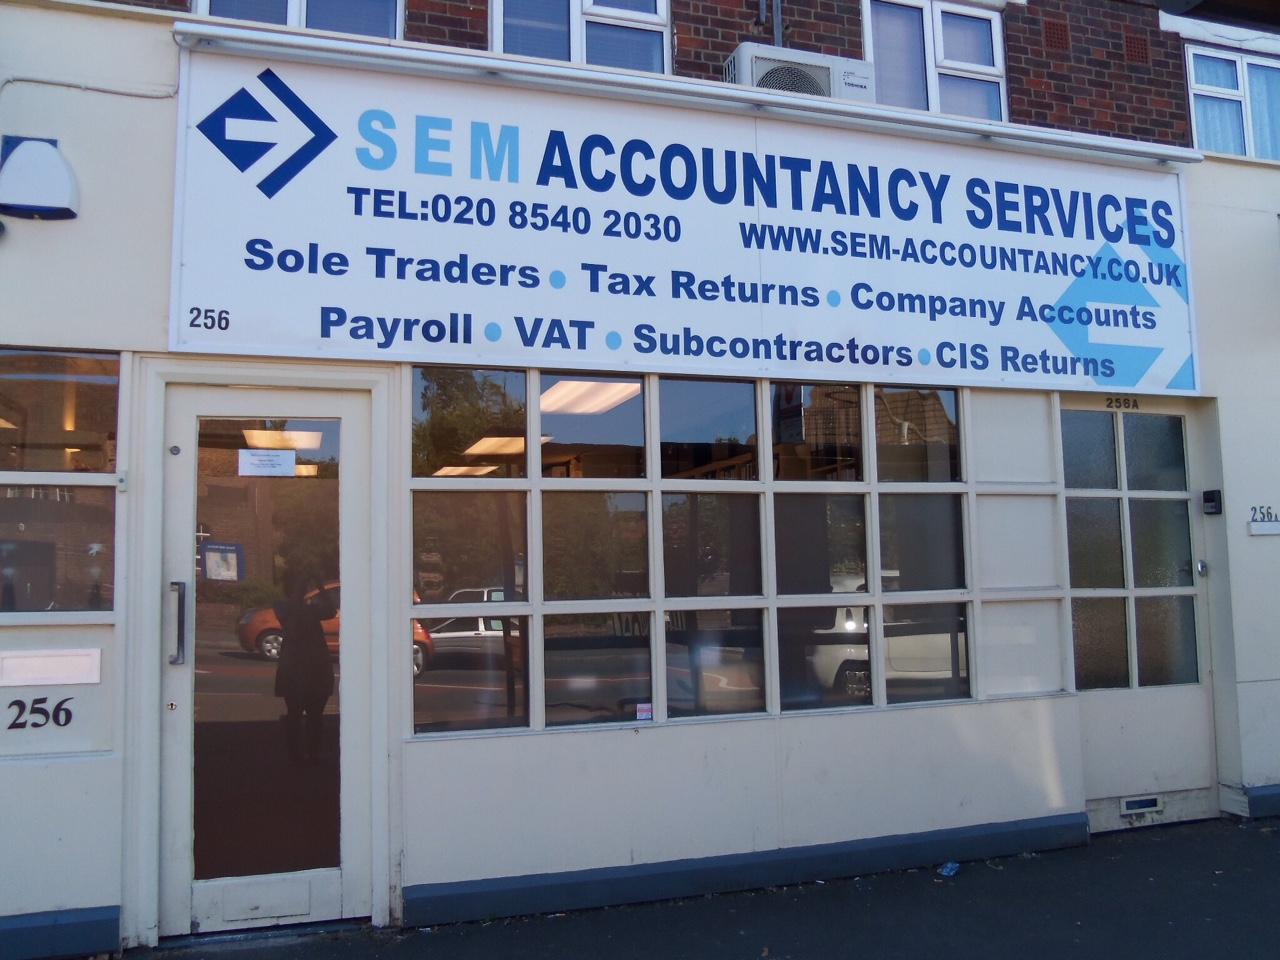 Two accountants working on accounts.